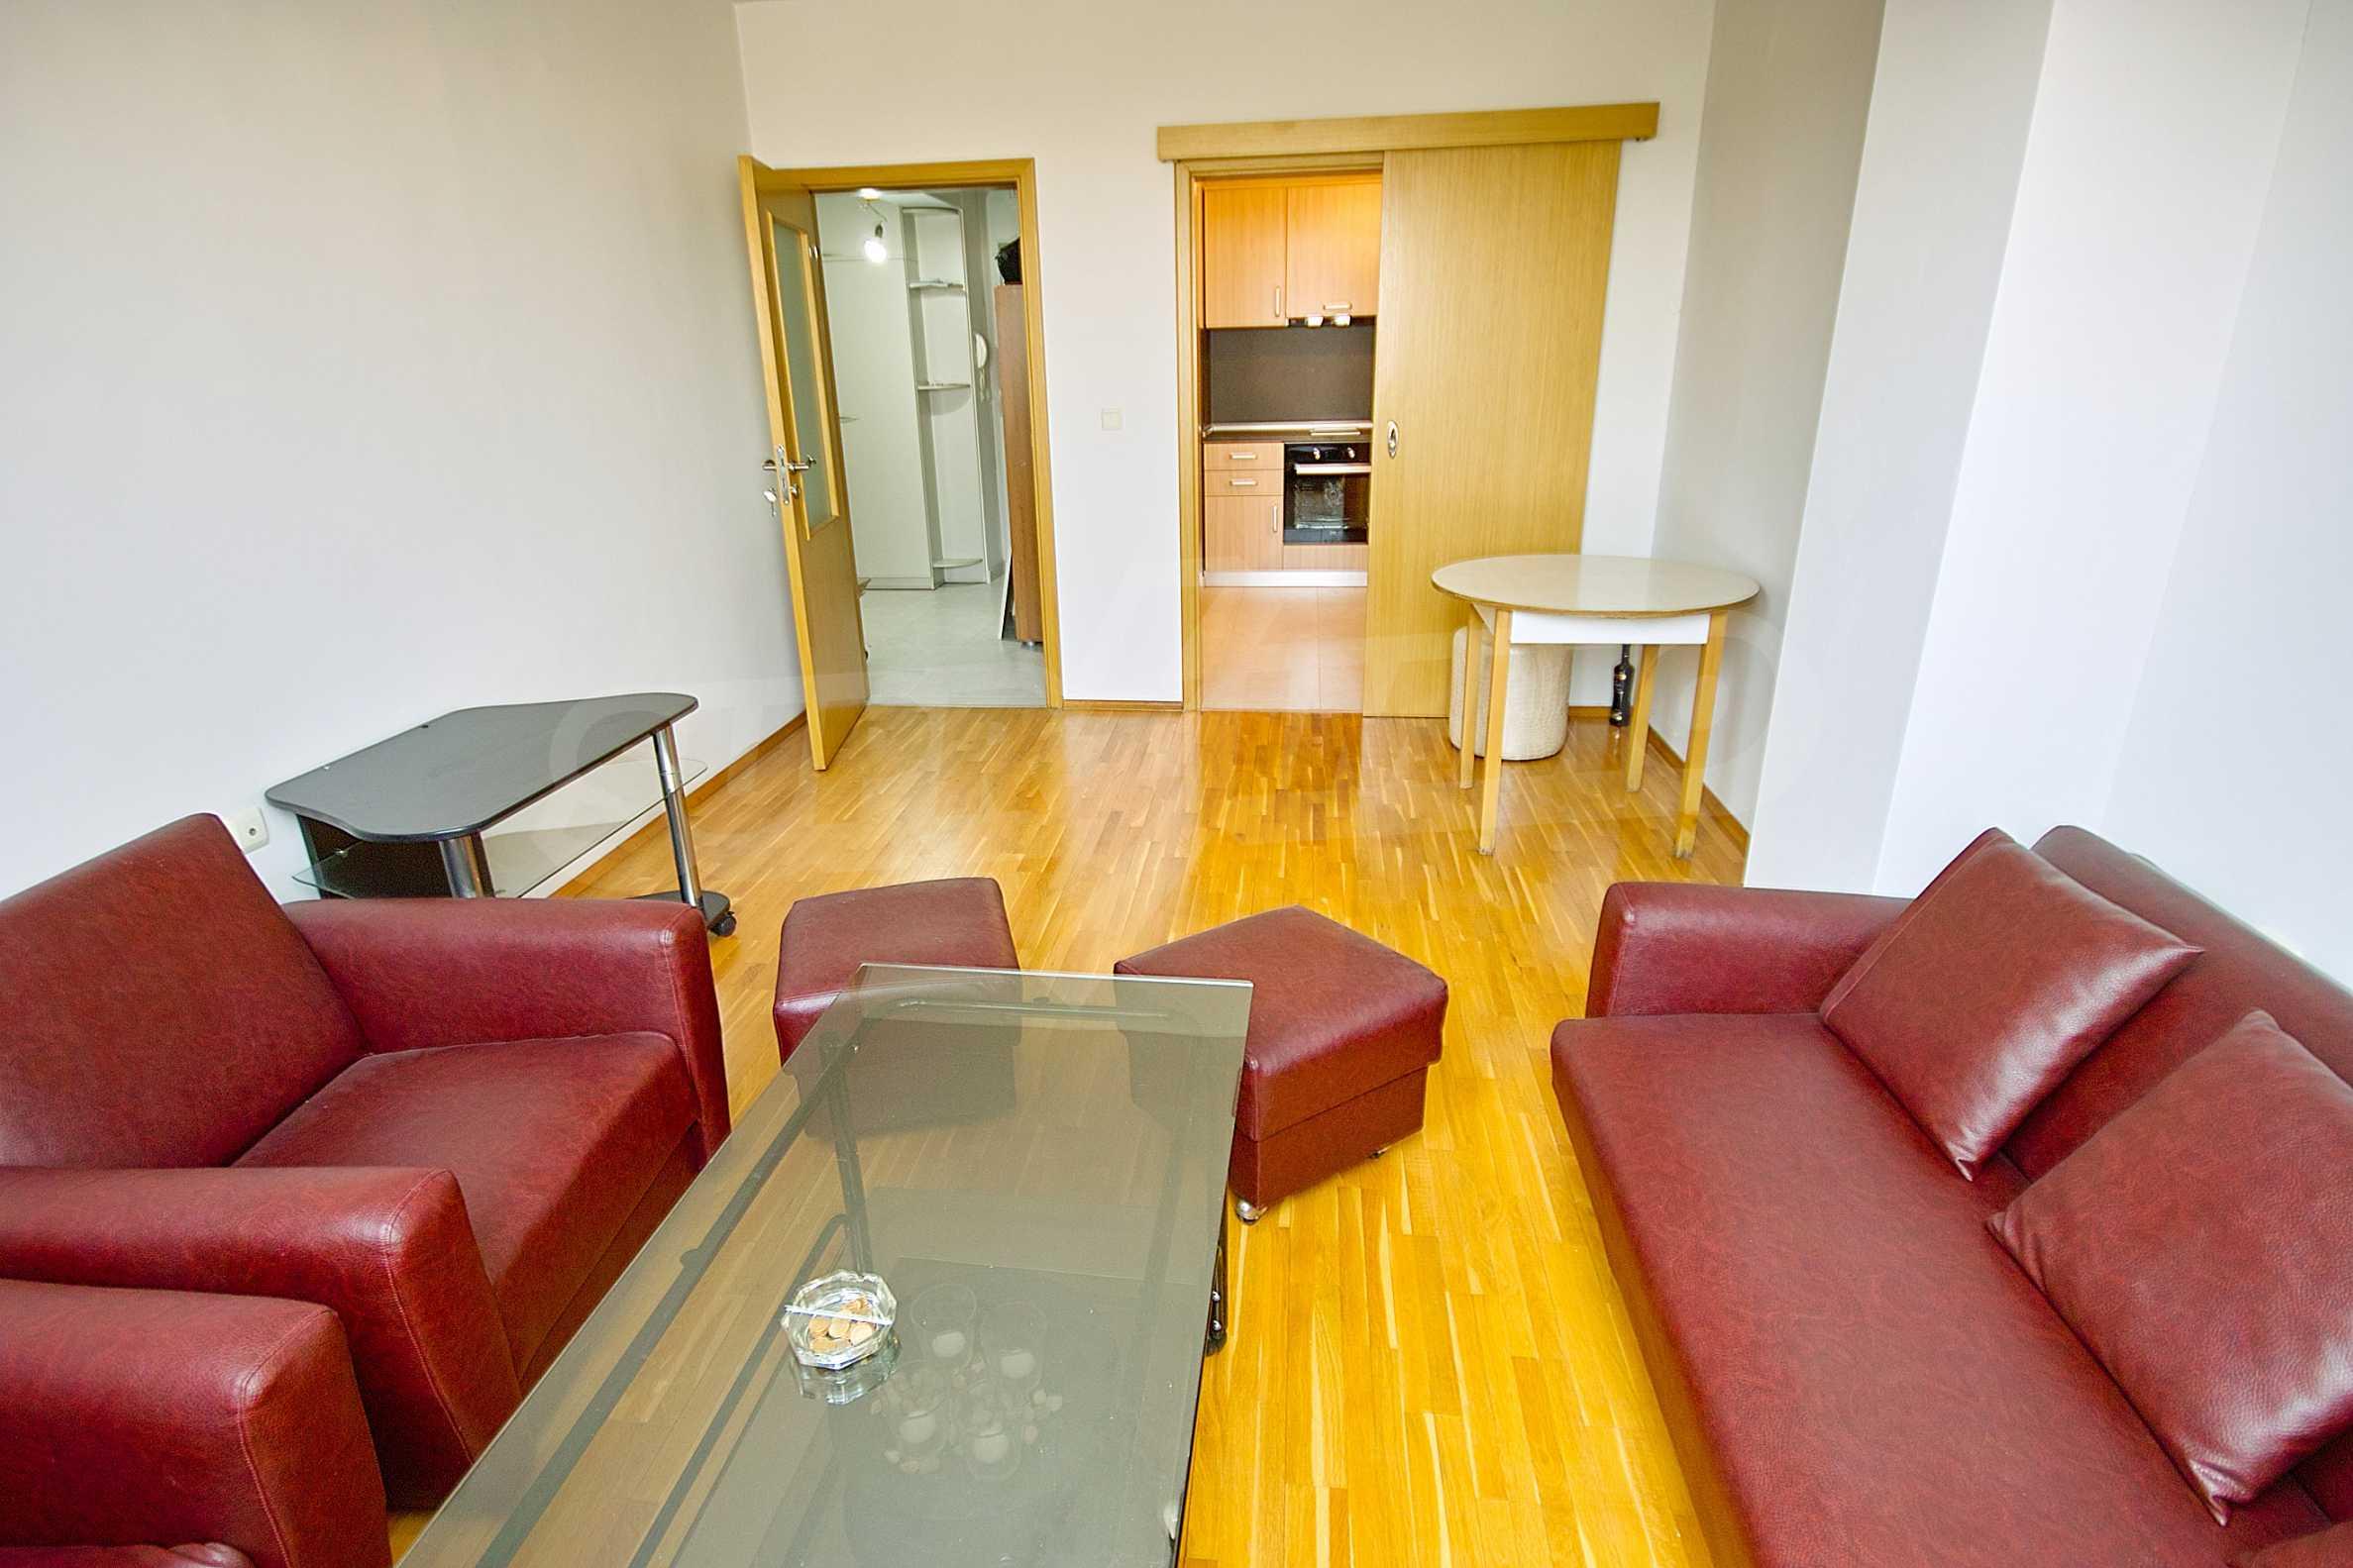 Wohnung zu vermieten in Lyulin-3 Bezirk neben der U-Bahn